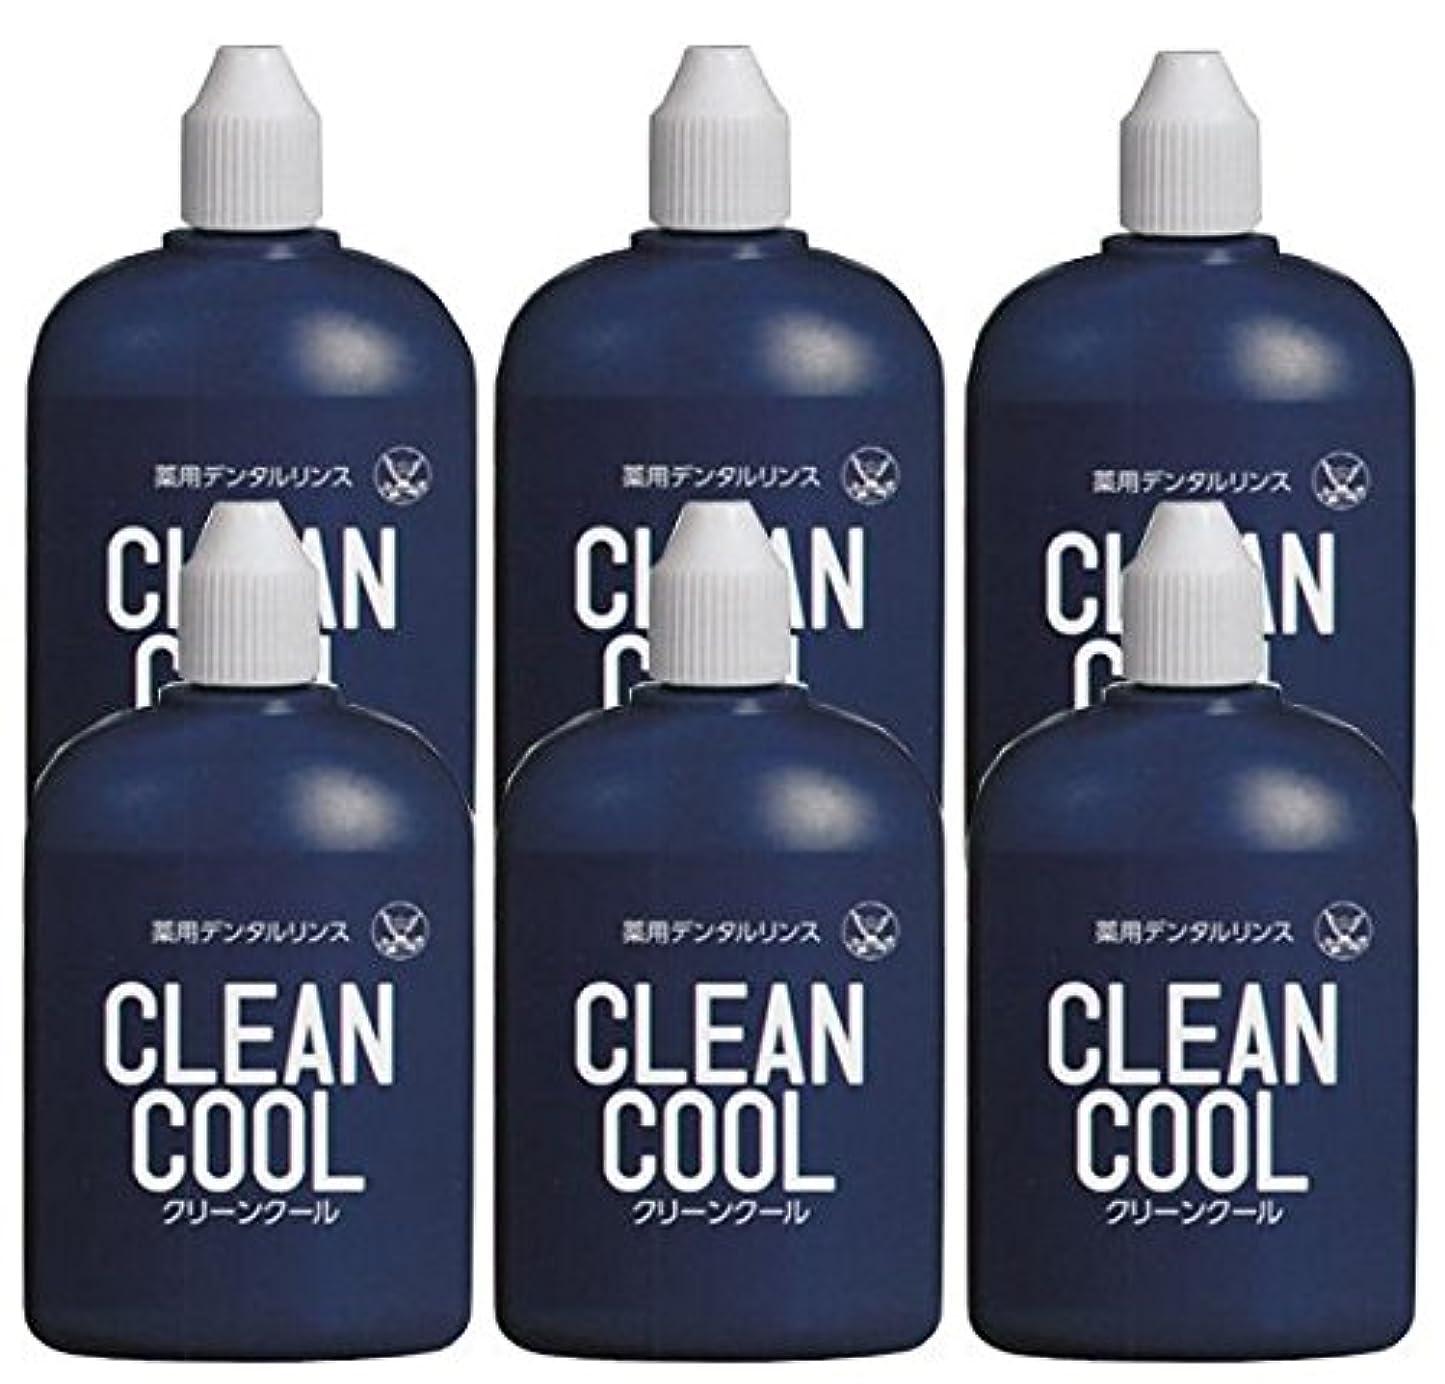 ソフィー塩辛いより多い薬用デンタルリンス クリーンクール (CLEAN COOL) 洗口液 100ml × 6個